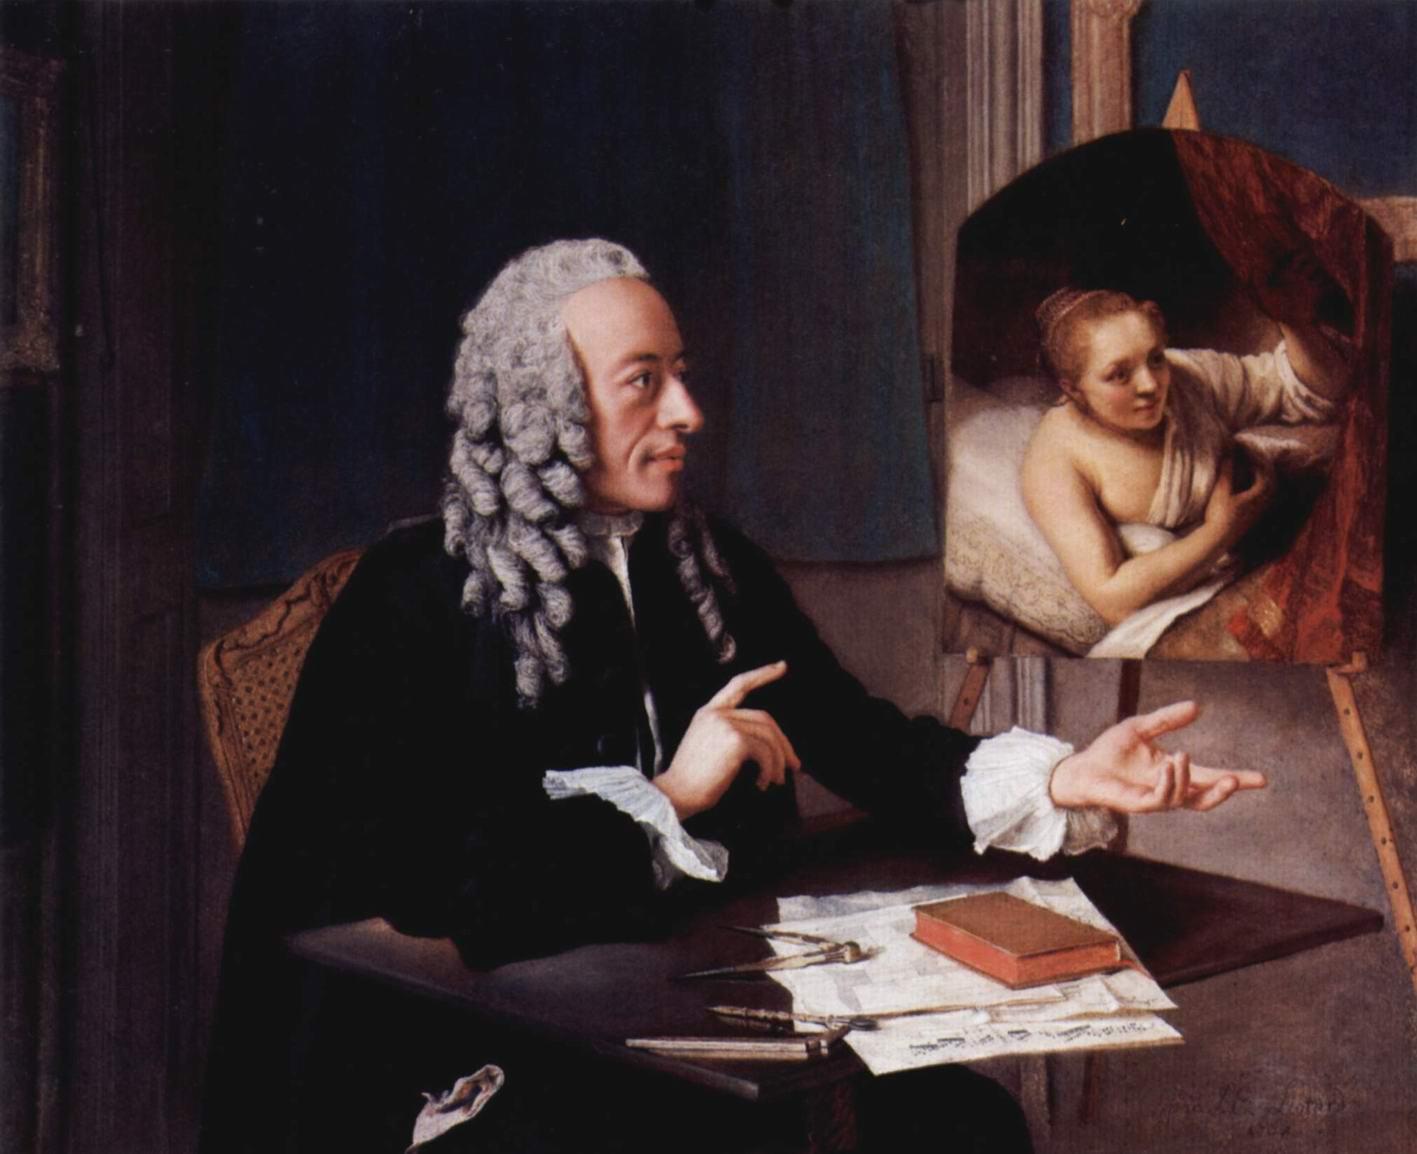 Портрет Франсуа Троншена, рассматривающего своего Рембрандта, Лиотар Жан-Этьен